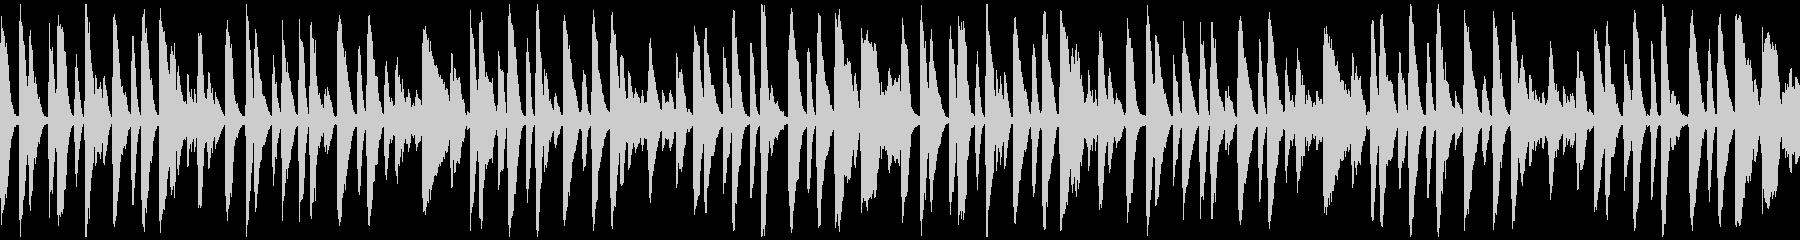 まったりホンキートンクピアノ_ループの未再生の波形